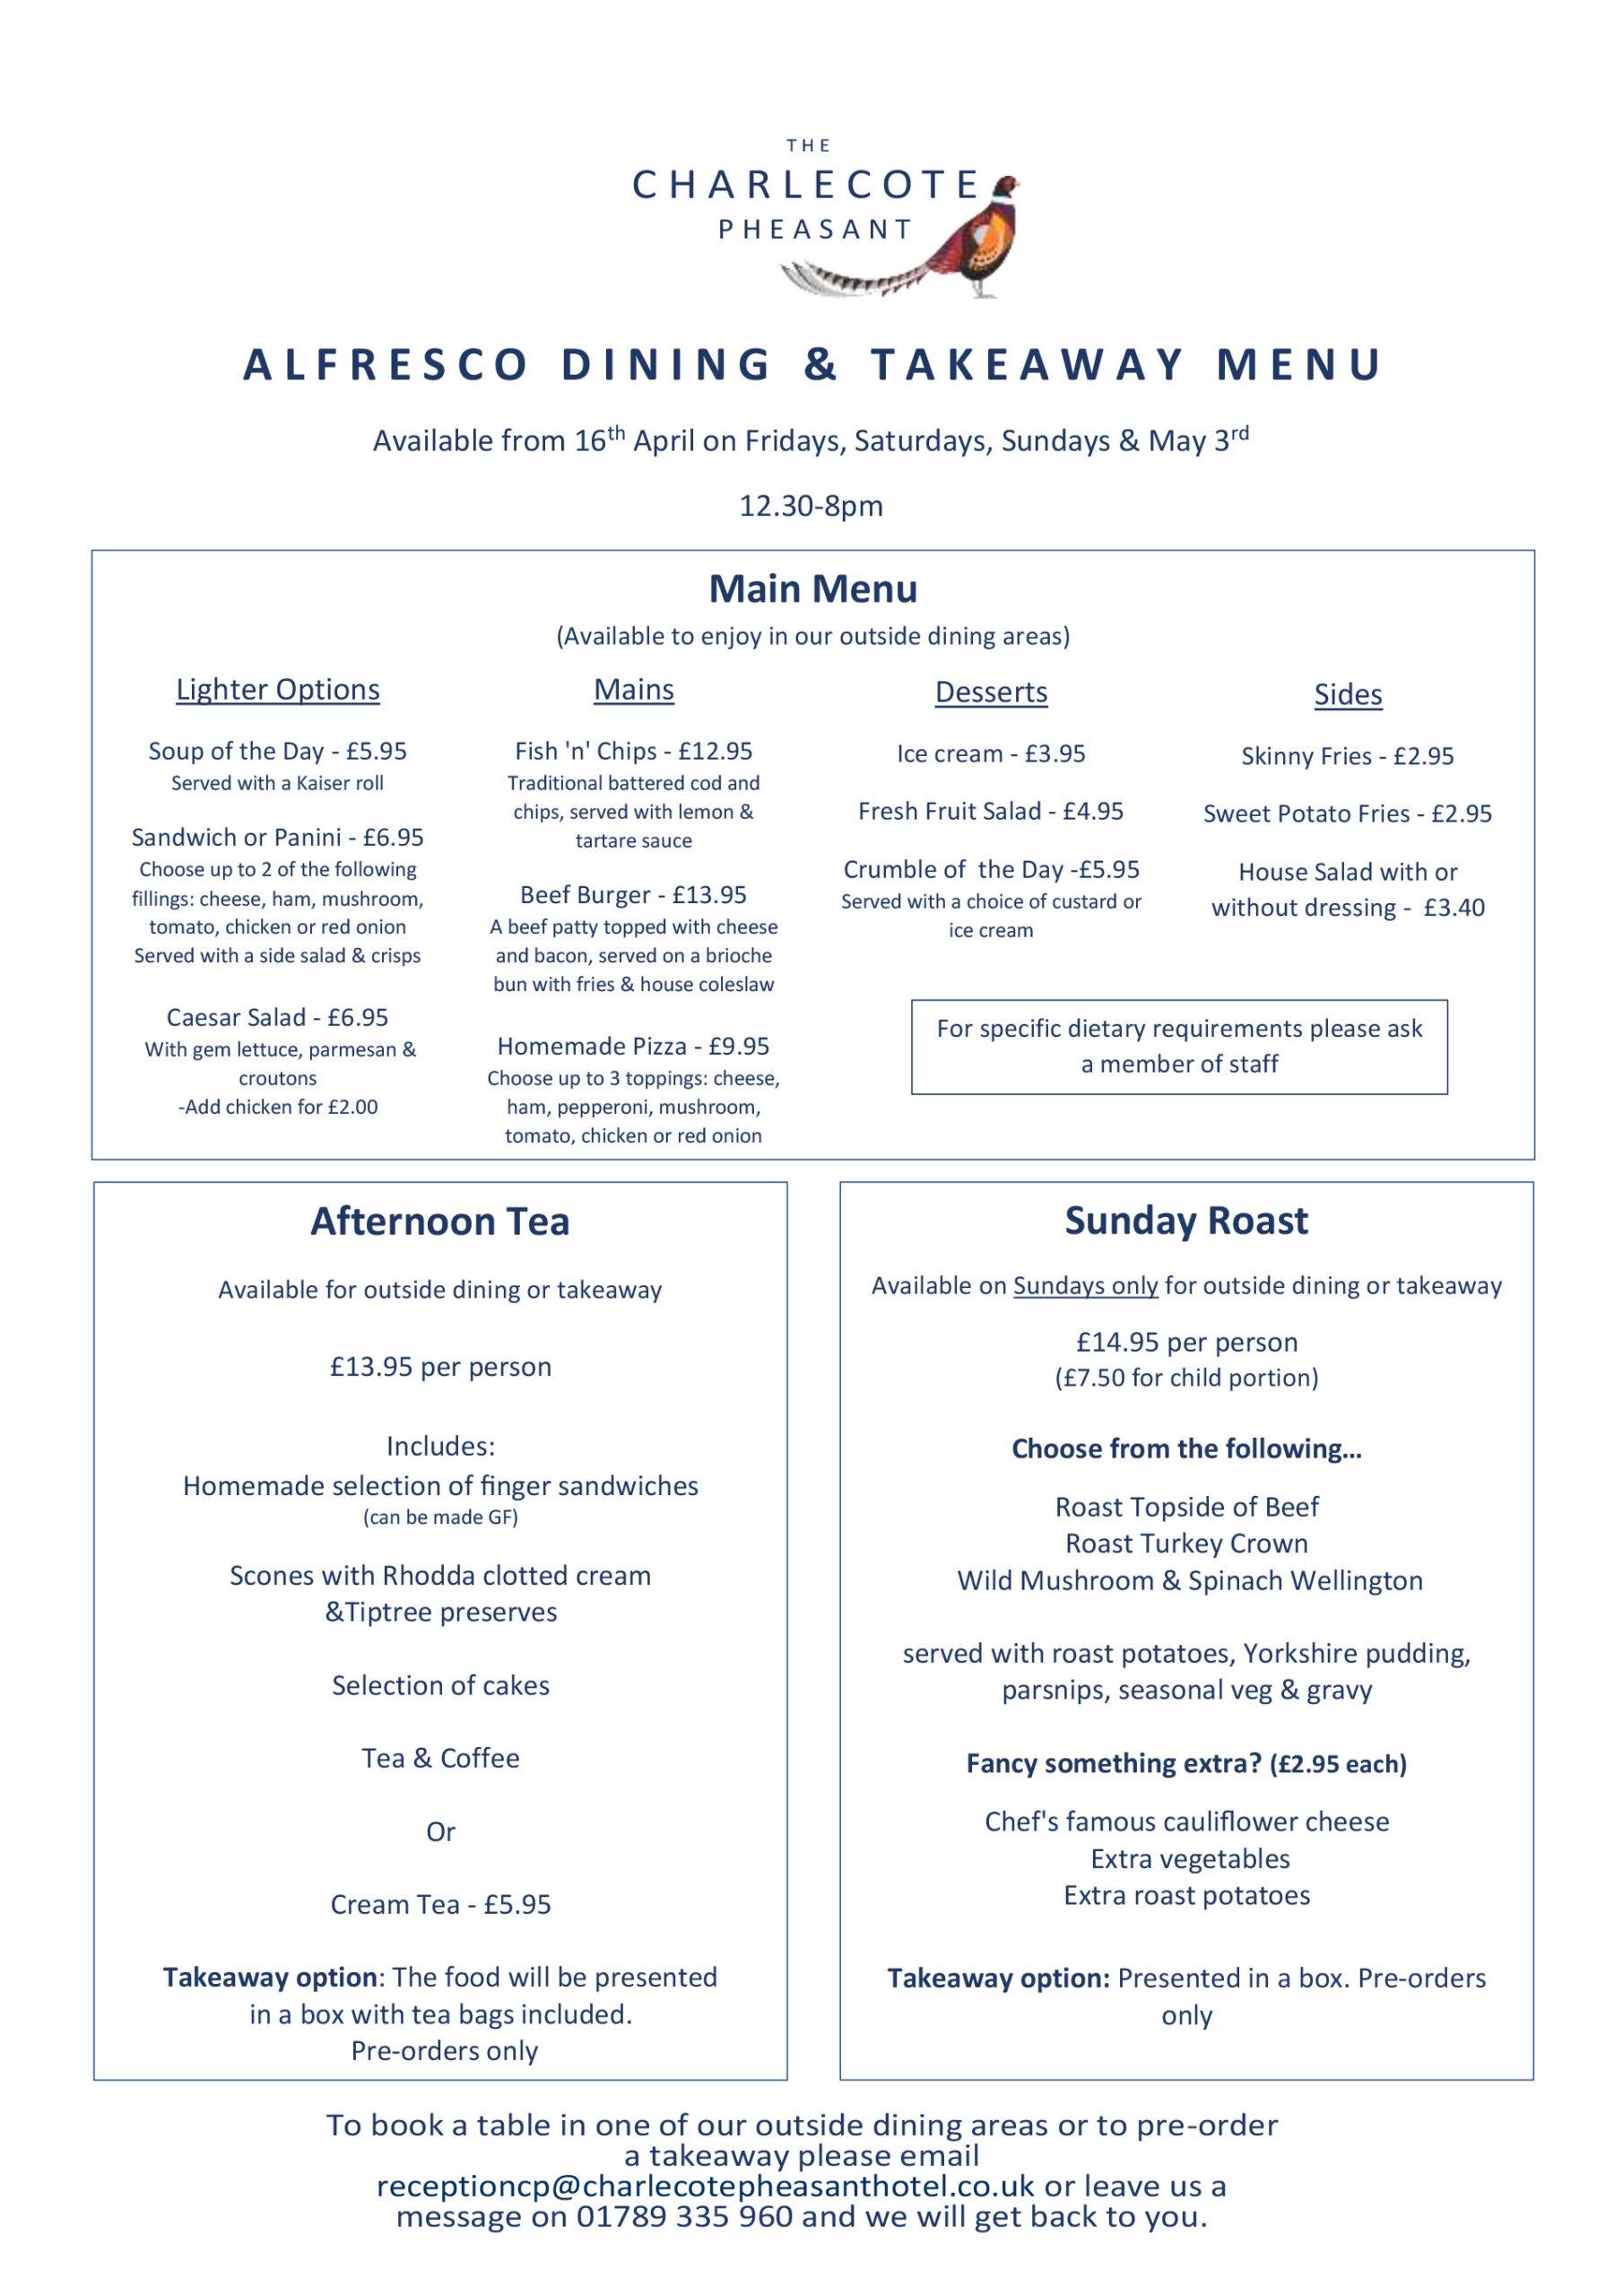 Alfresco Dining & Takeaway Menu Charlecote Pheasant Hotel Stratford upon Avon